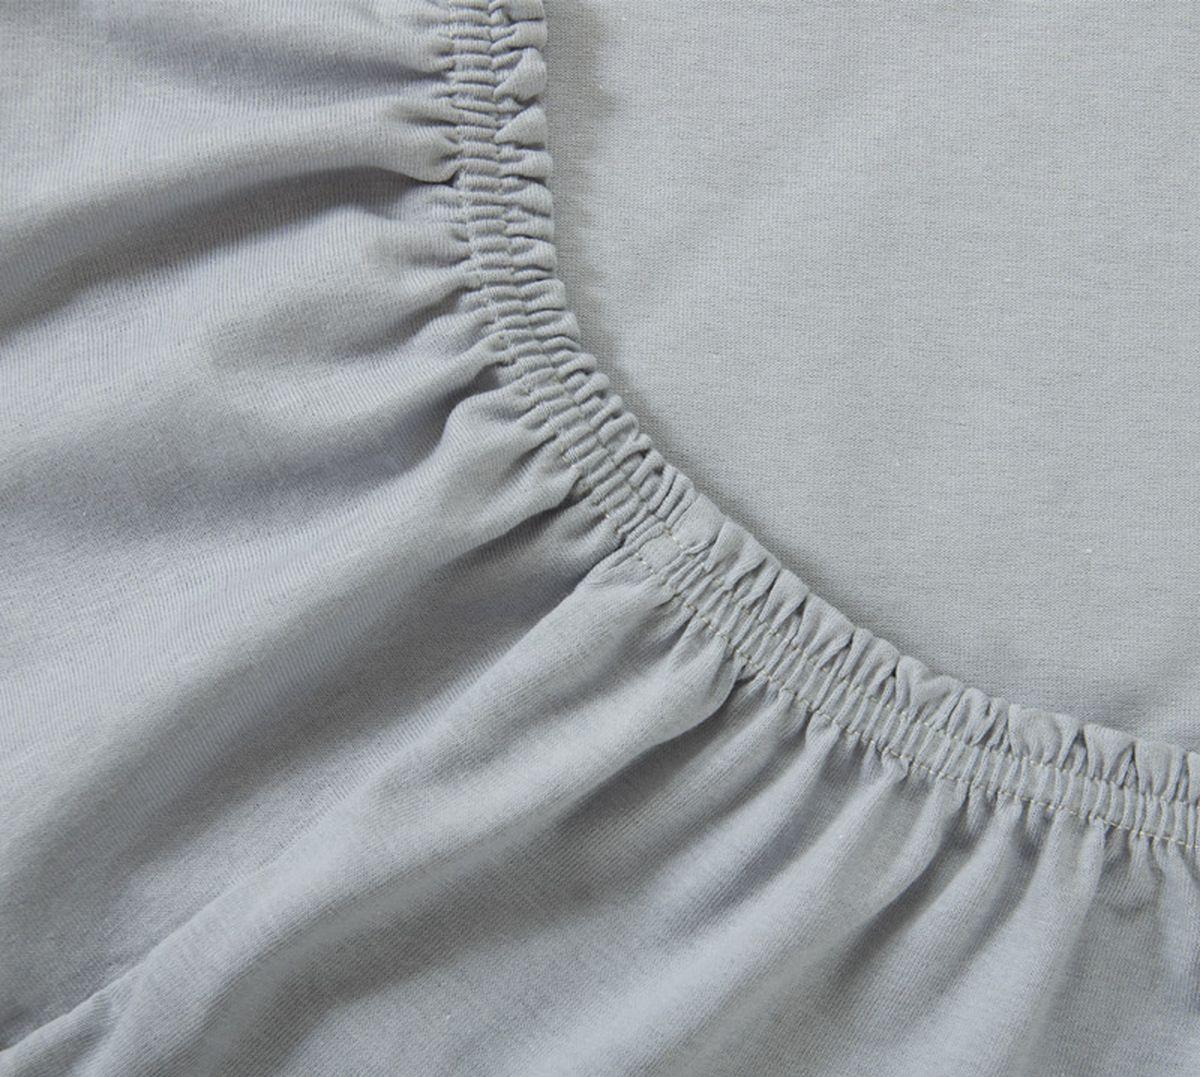 """Простыня """"Текс-Дизайн"""" изготовлена из трикотажа   высокого качества, состоящего на 100% из хлопка. По   всему периметру простыня снабжена резинкой, что   обеспечивает комфортный отдых, и избавляет от   неприятных ощущений скомкавшейся во время сна   изделия. Простыня легко одевается на матрасы высотой   до 20 см. Идеально подходит в качестве наматрасника.  Трикотаж эластичен и растяжим, практически не мнется и   не теряет форму после стирки. И кроме того он очень   красиво выглядит и приятен на ощупь.    Советы по выбору постельного белья от блогера Ирины Соковых. Статья OZON Гид"""